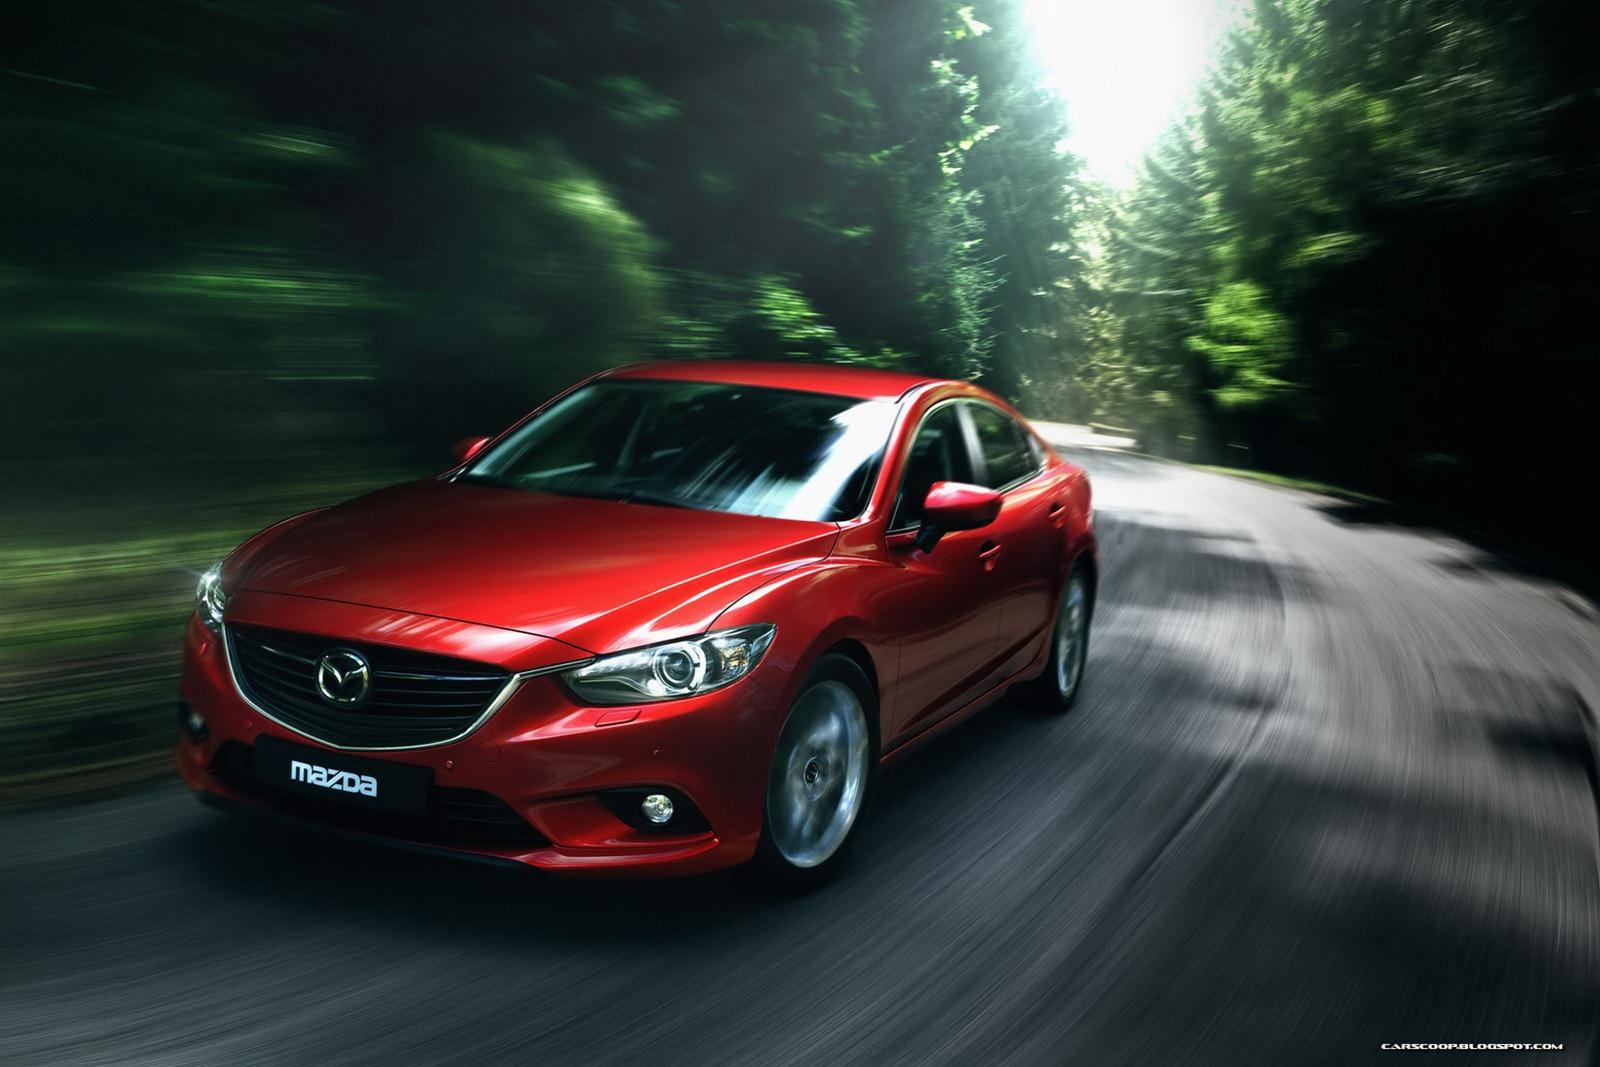 http://1.bp.blogspot.com/-faoxIGQ3rq4/UD1m5Kwp3qI/AAAAAAAAhyo/BUy0AVrgWDg/s1600/2014-Mazda6-Sedan-3%255B2%255D.jpg